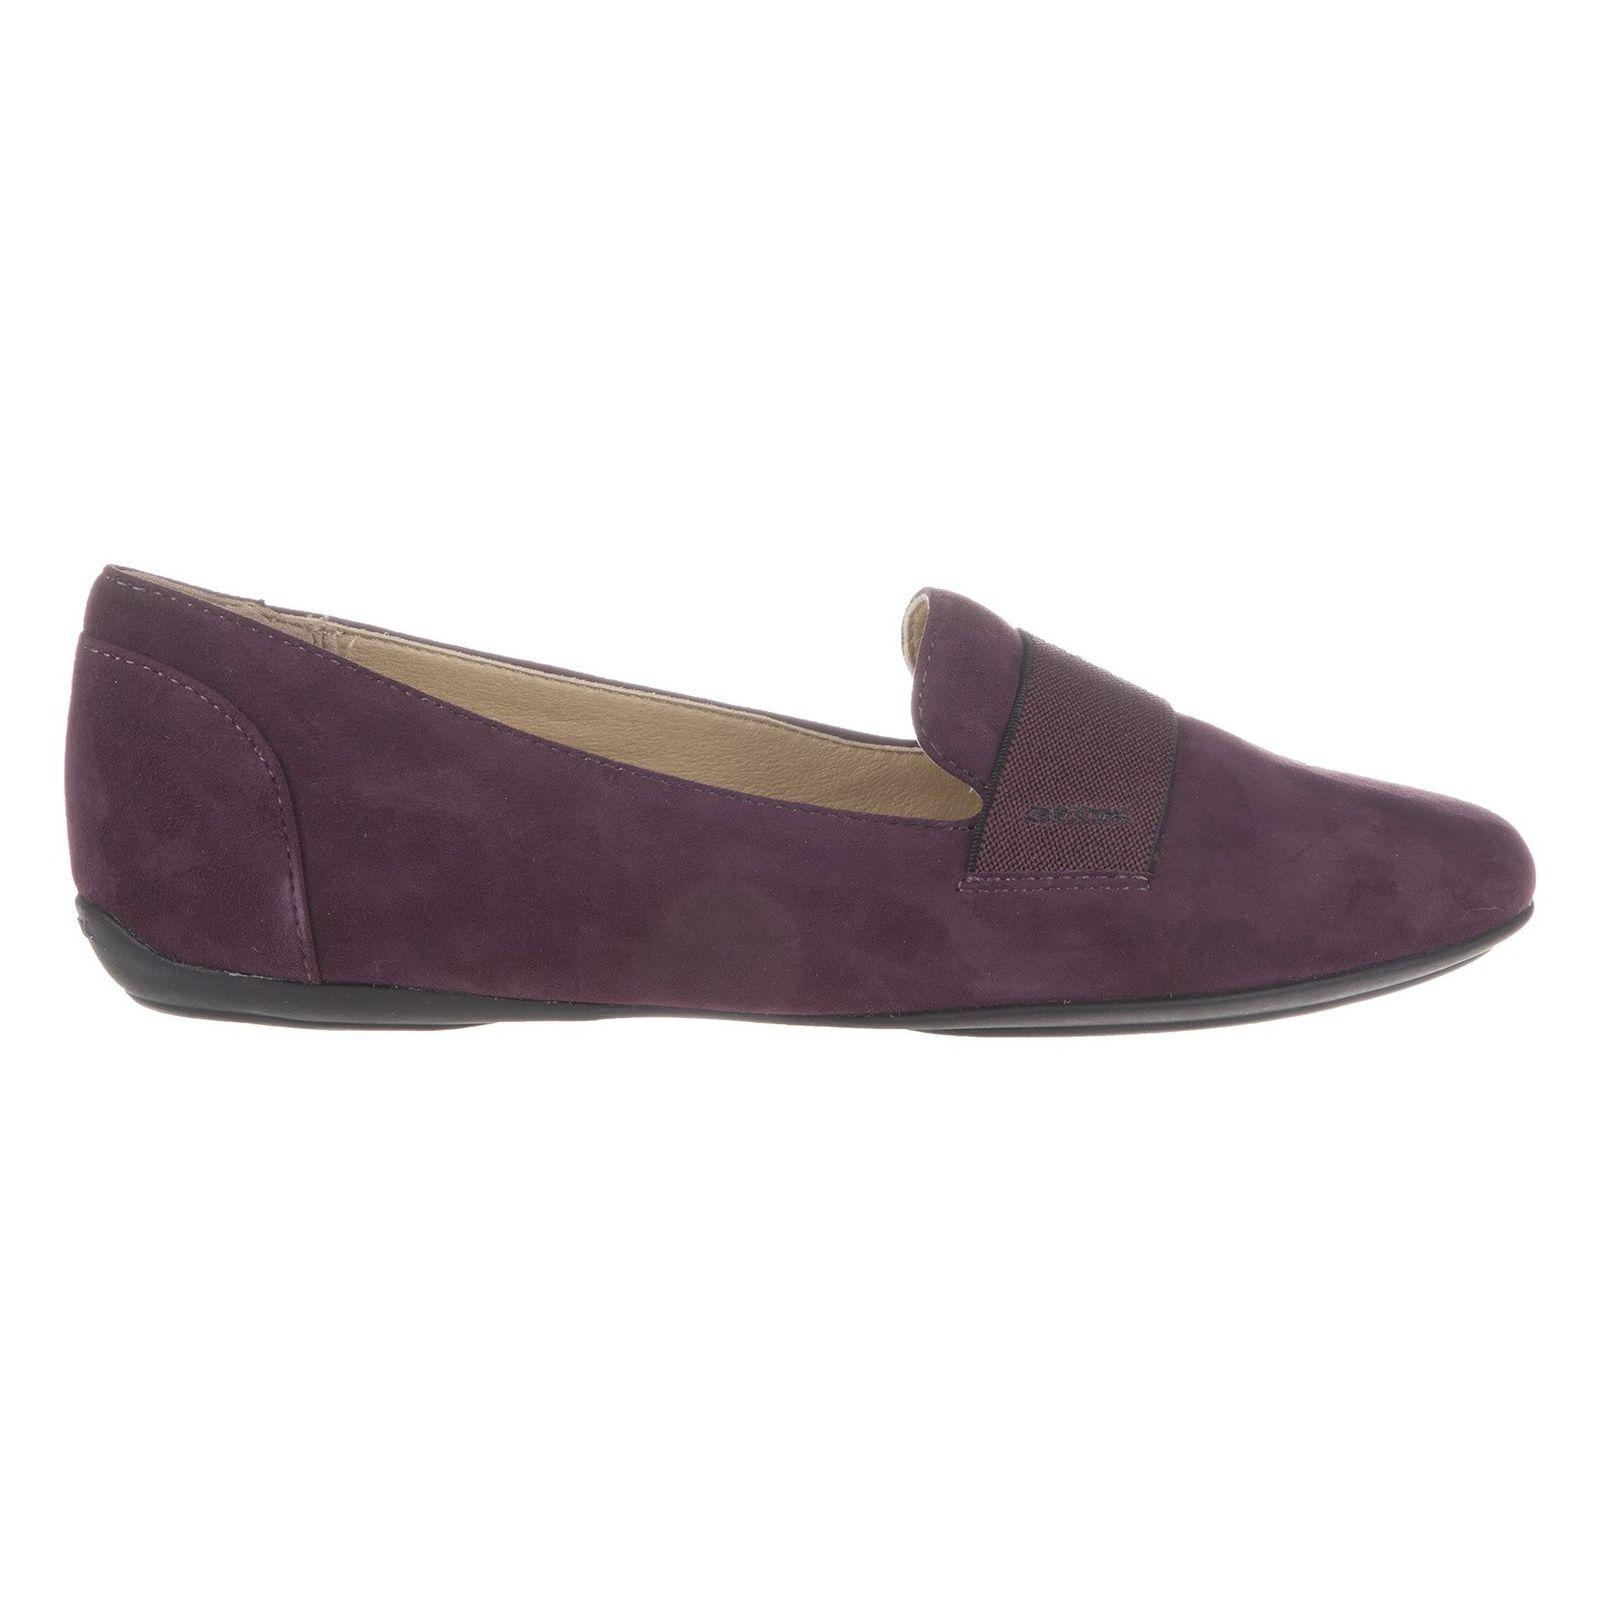 کفش تخت زنانه جی اوکس مدل D34Y7J-00021-C8017 - بنفش - 4